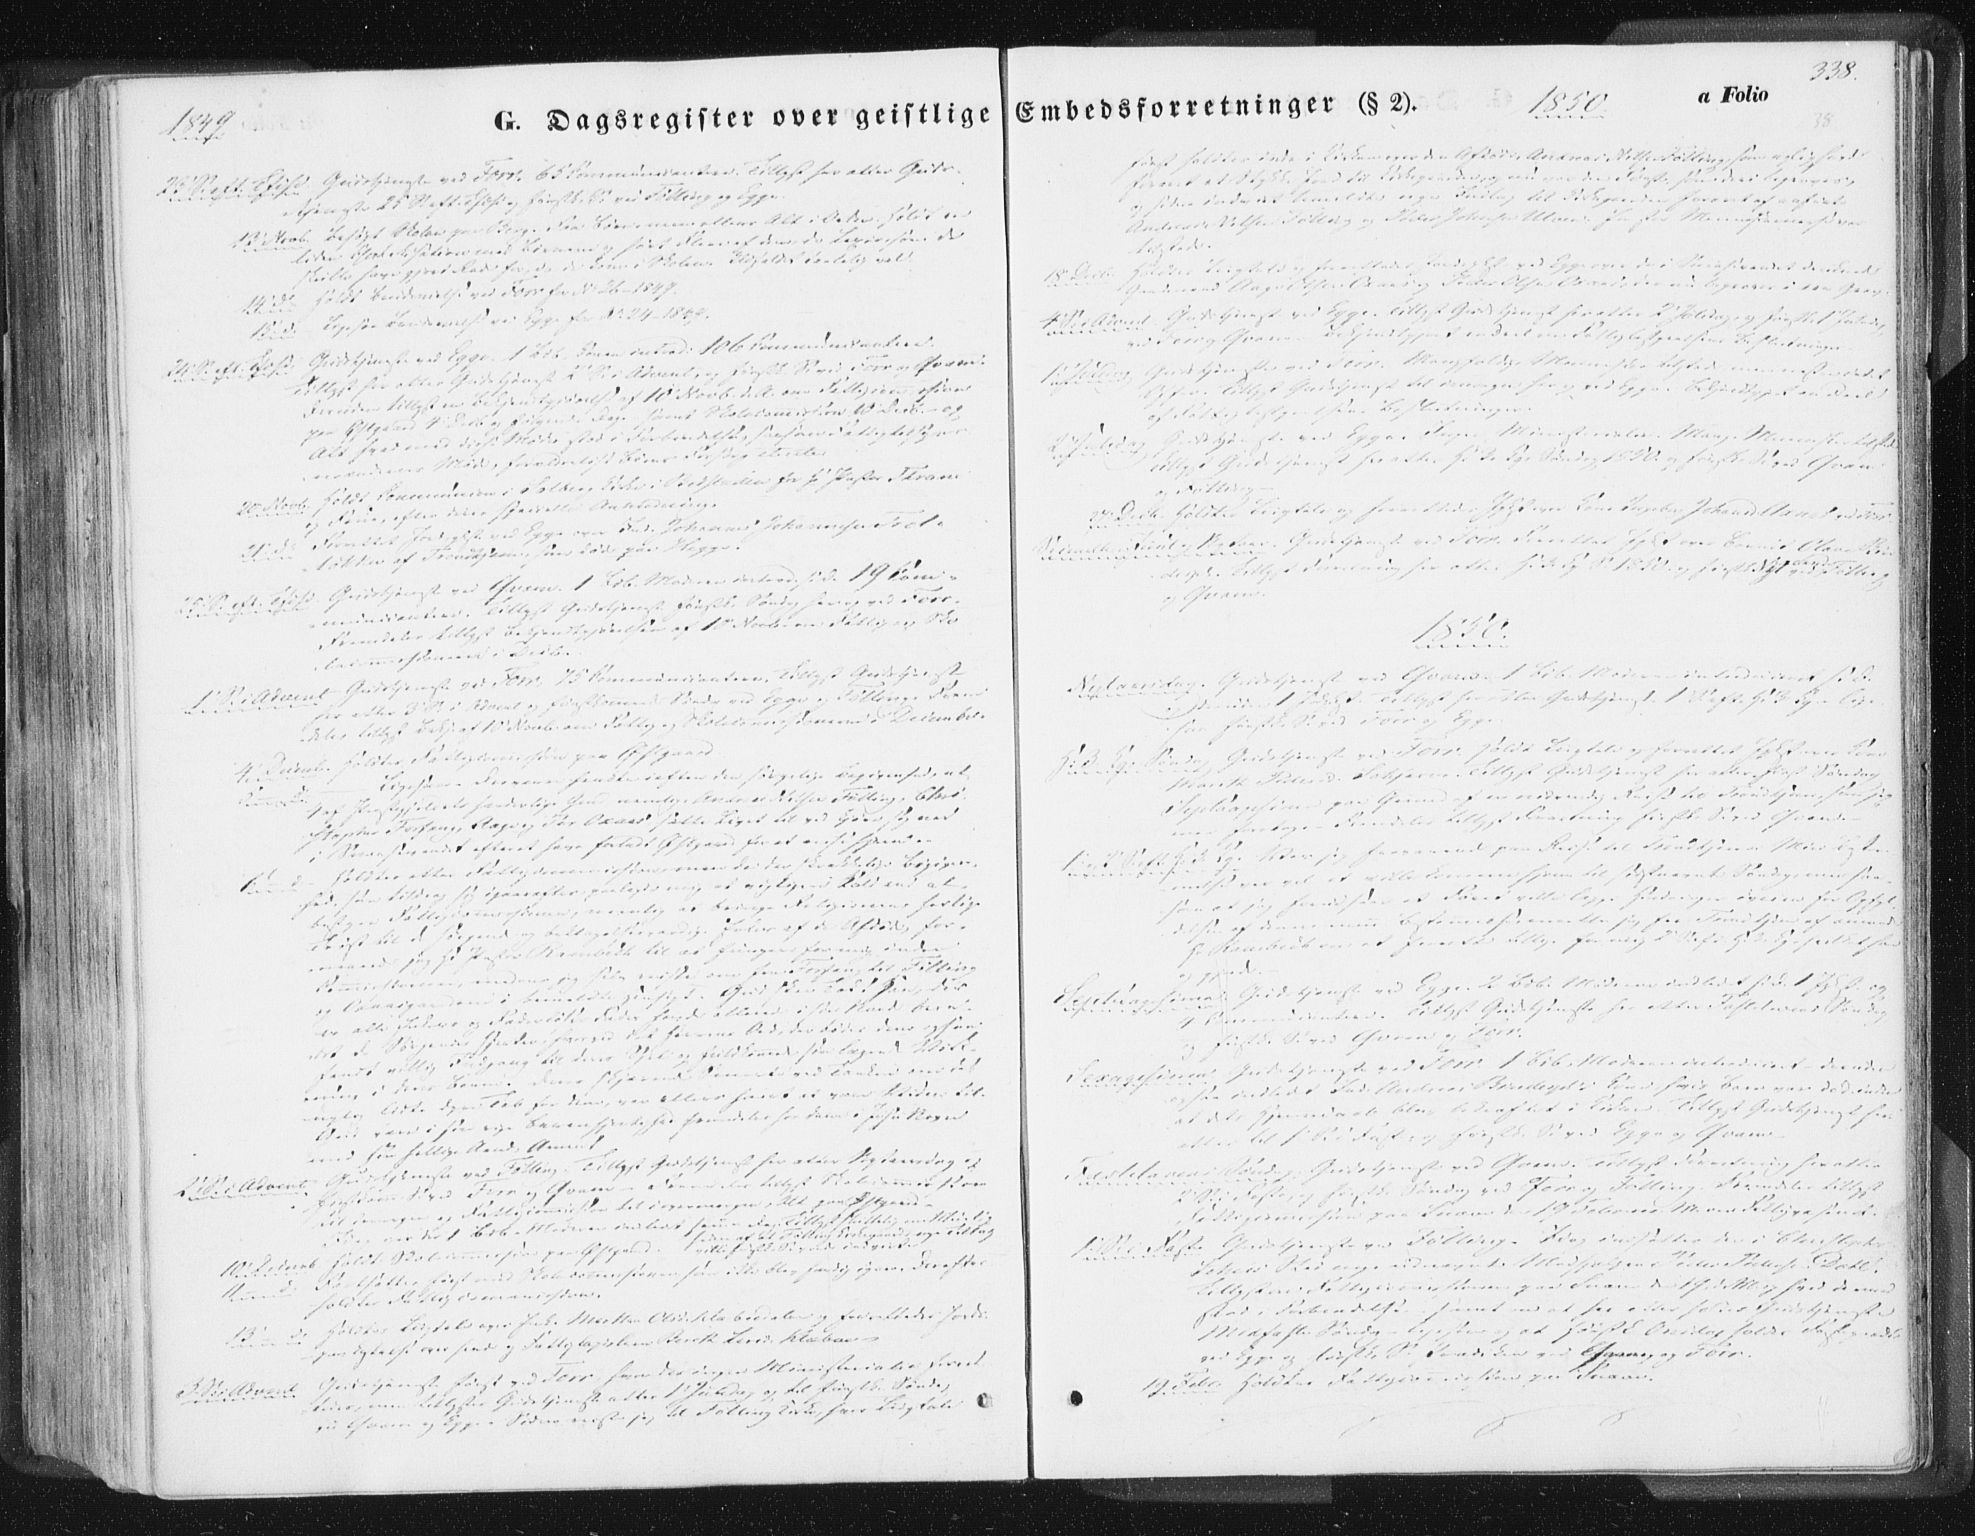 SAT, Ministerialprotokoller, klokkerbøker og fødselsregistre - Nord-Trøndelag, 746/L0446: Ministerialbok nr. 746A05, 1846-1859, s. 338